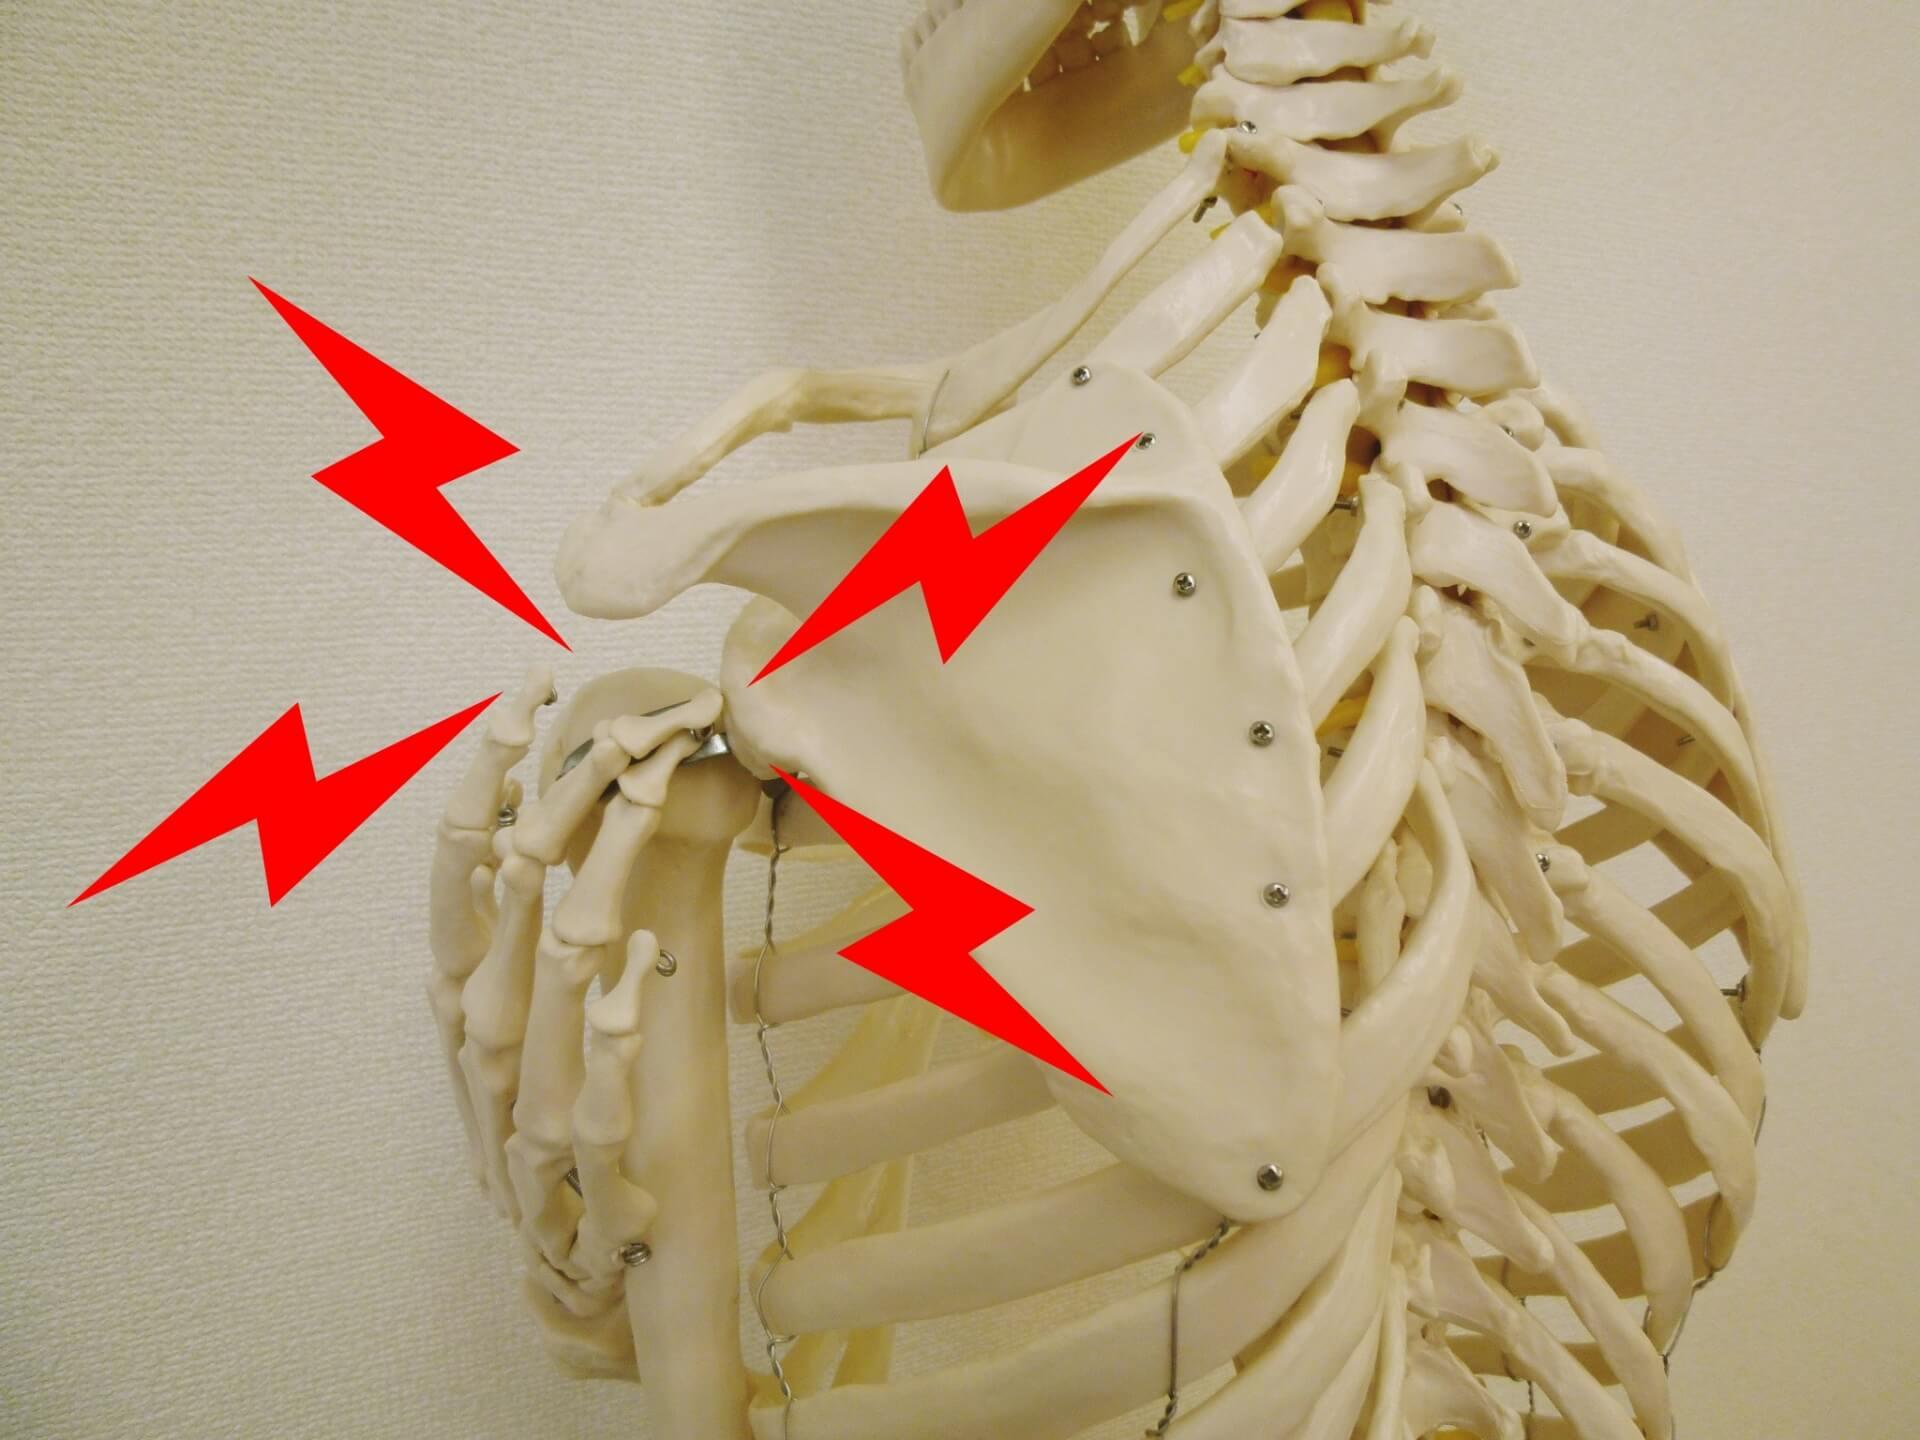 肩 甲骨 はがし 器具